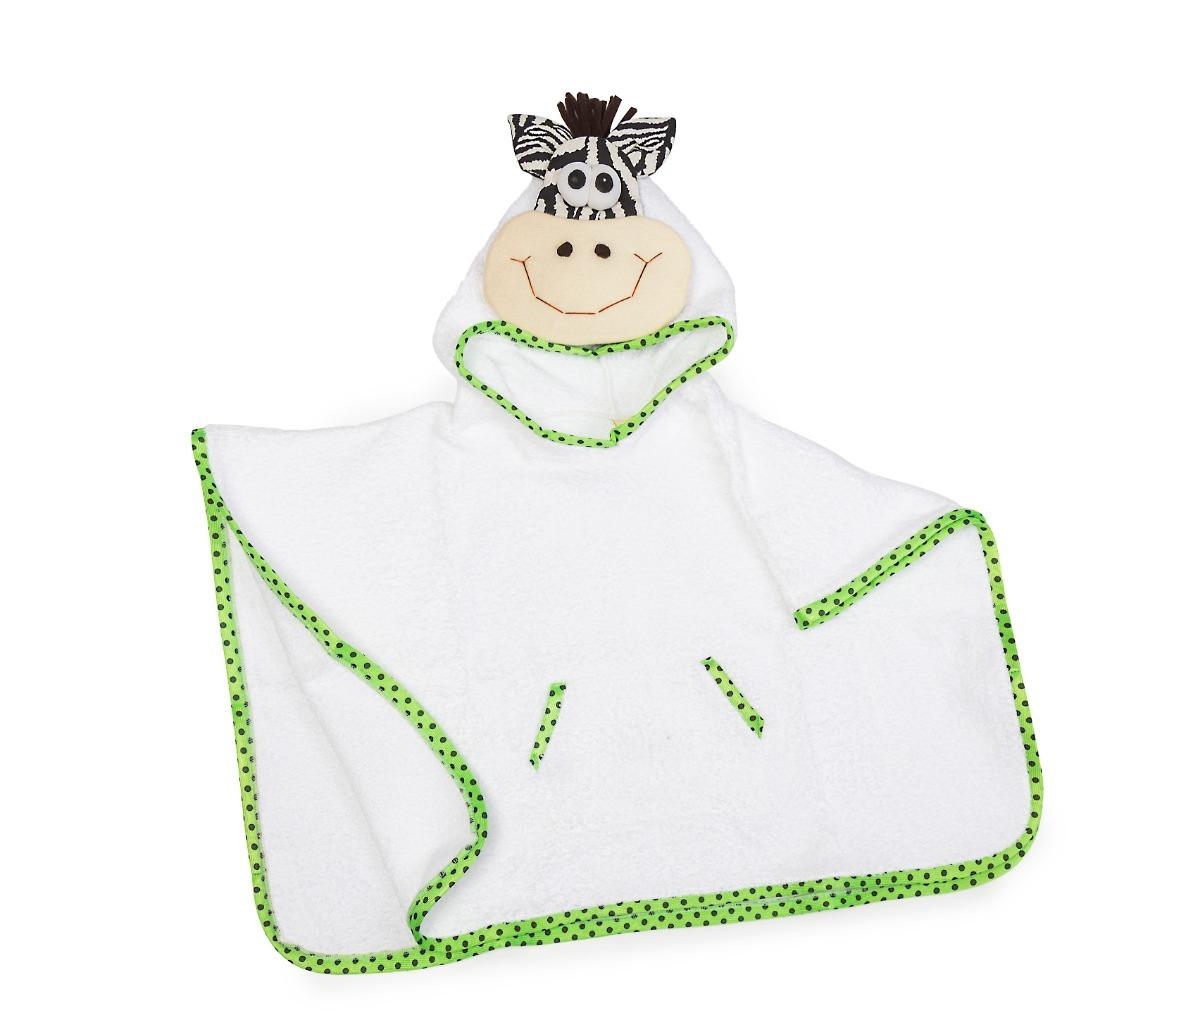 Poncho Toalla Bebés Y Niños. - $ 560,00 en Mercado Libre